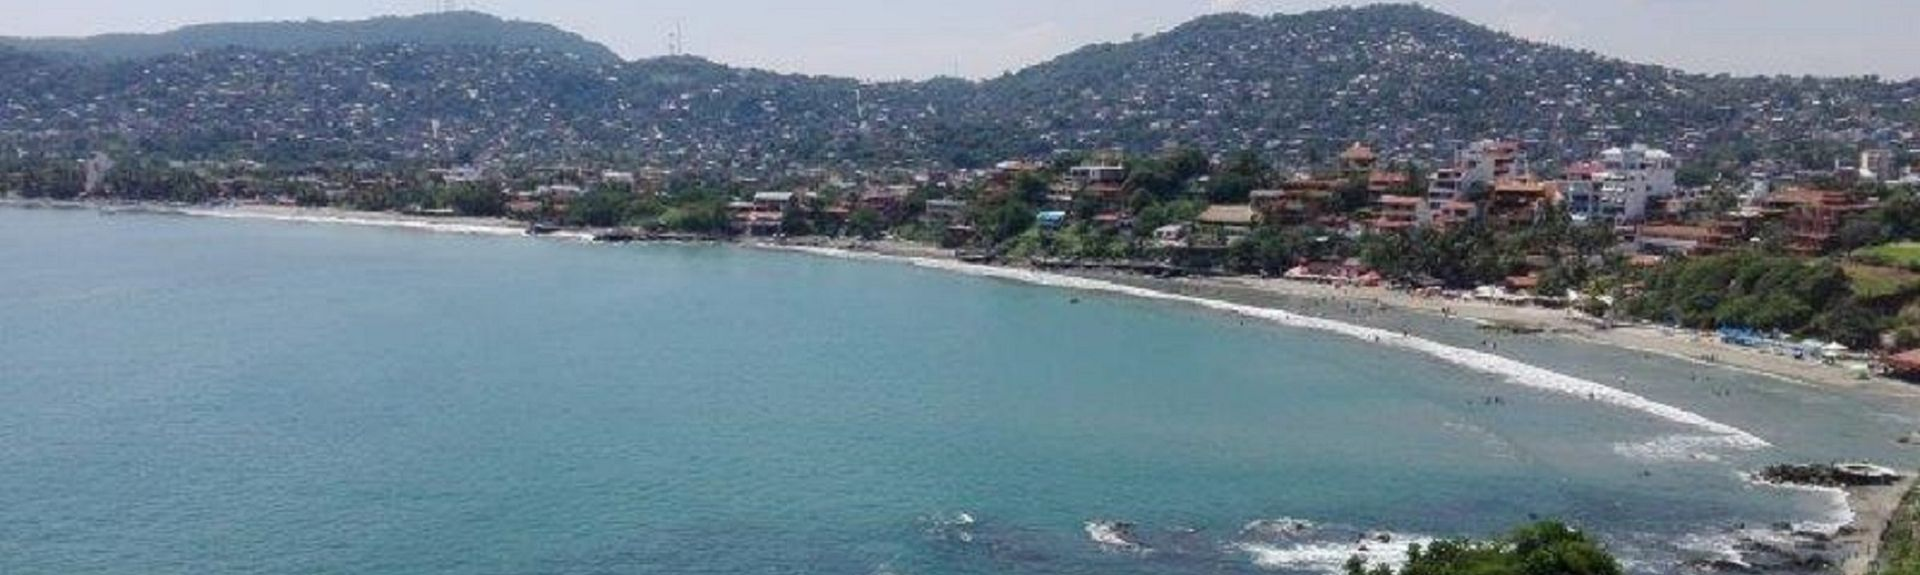 Baía de Manzanillo, Troncones, Guerrero, México